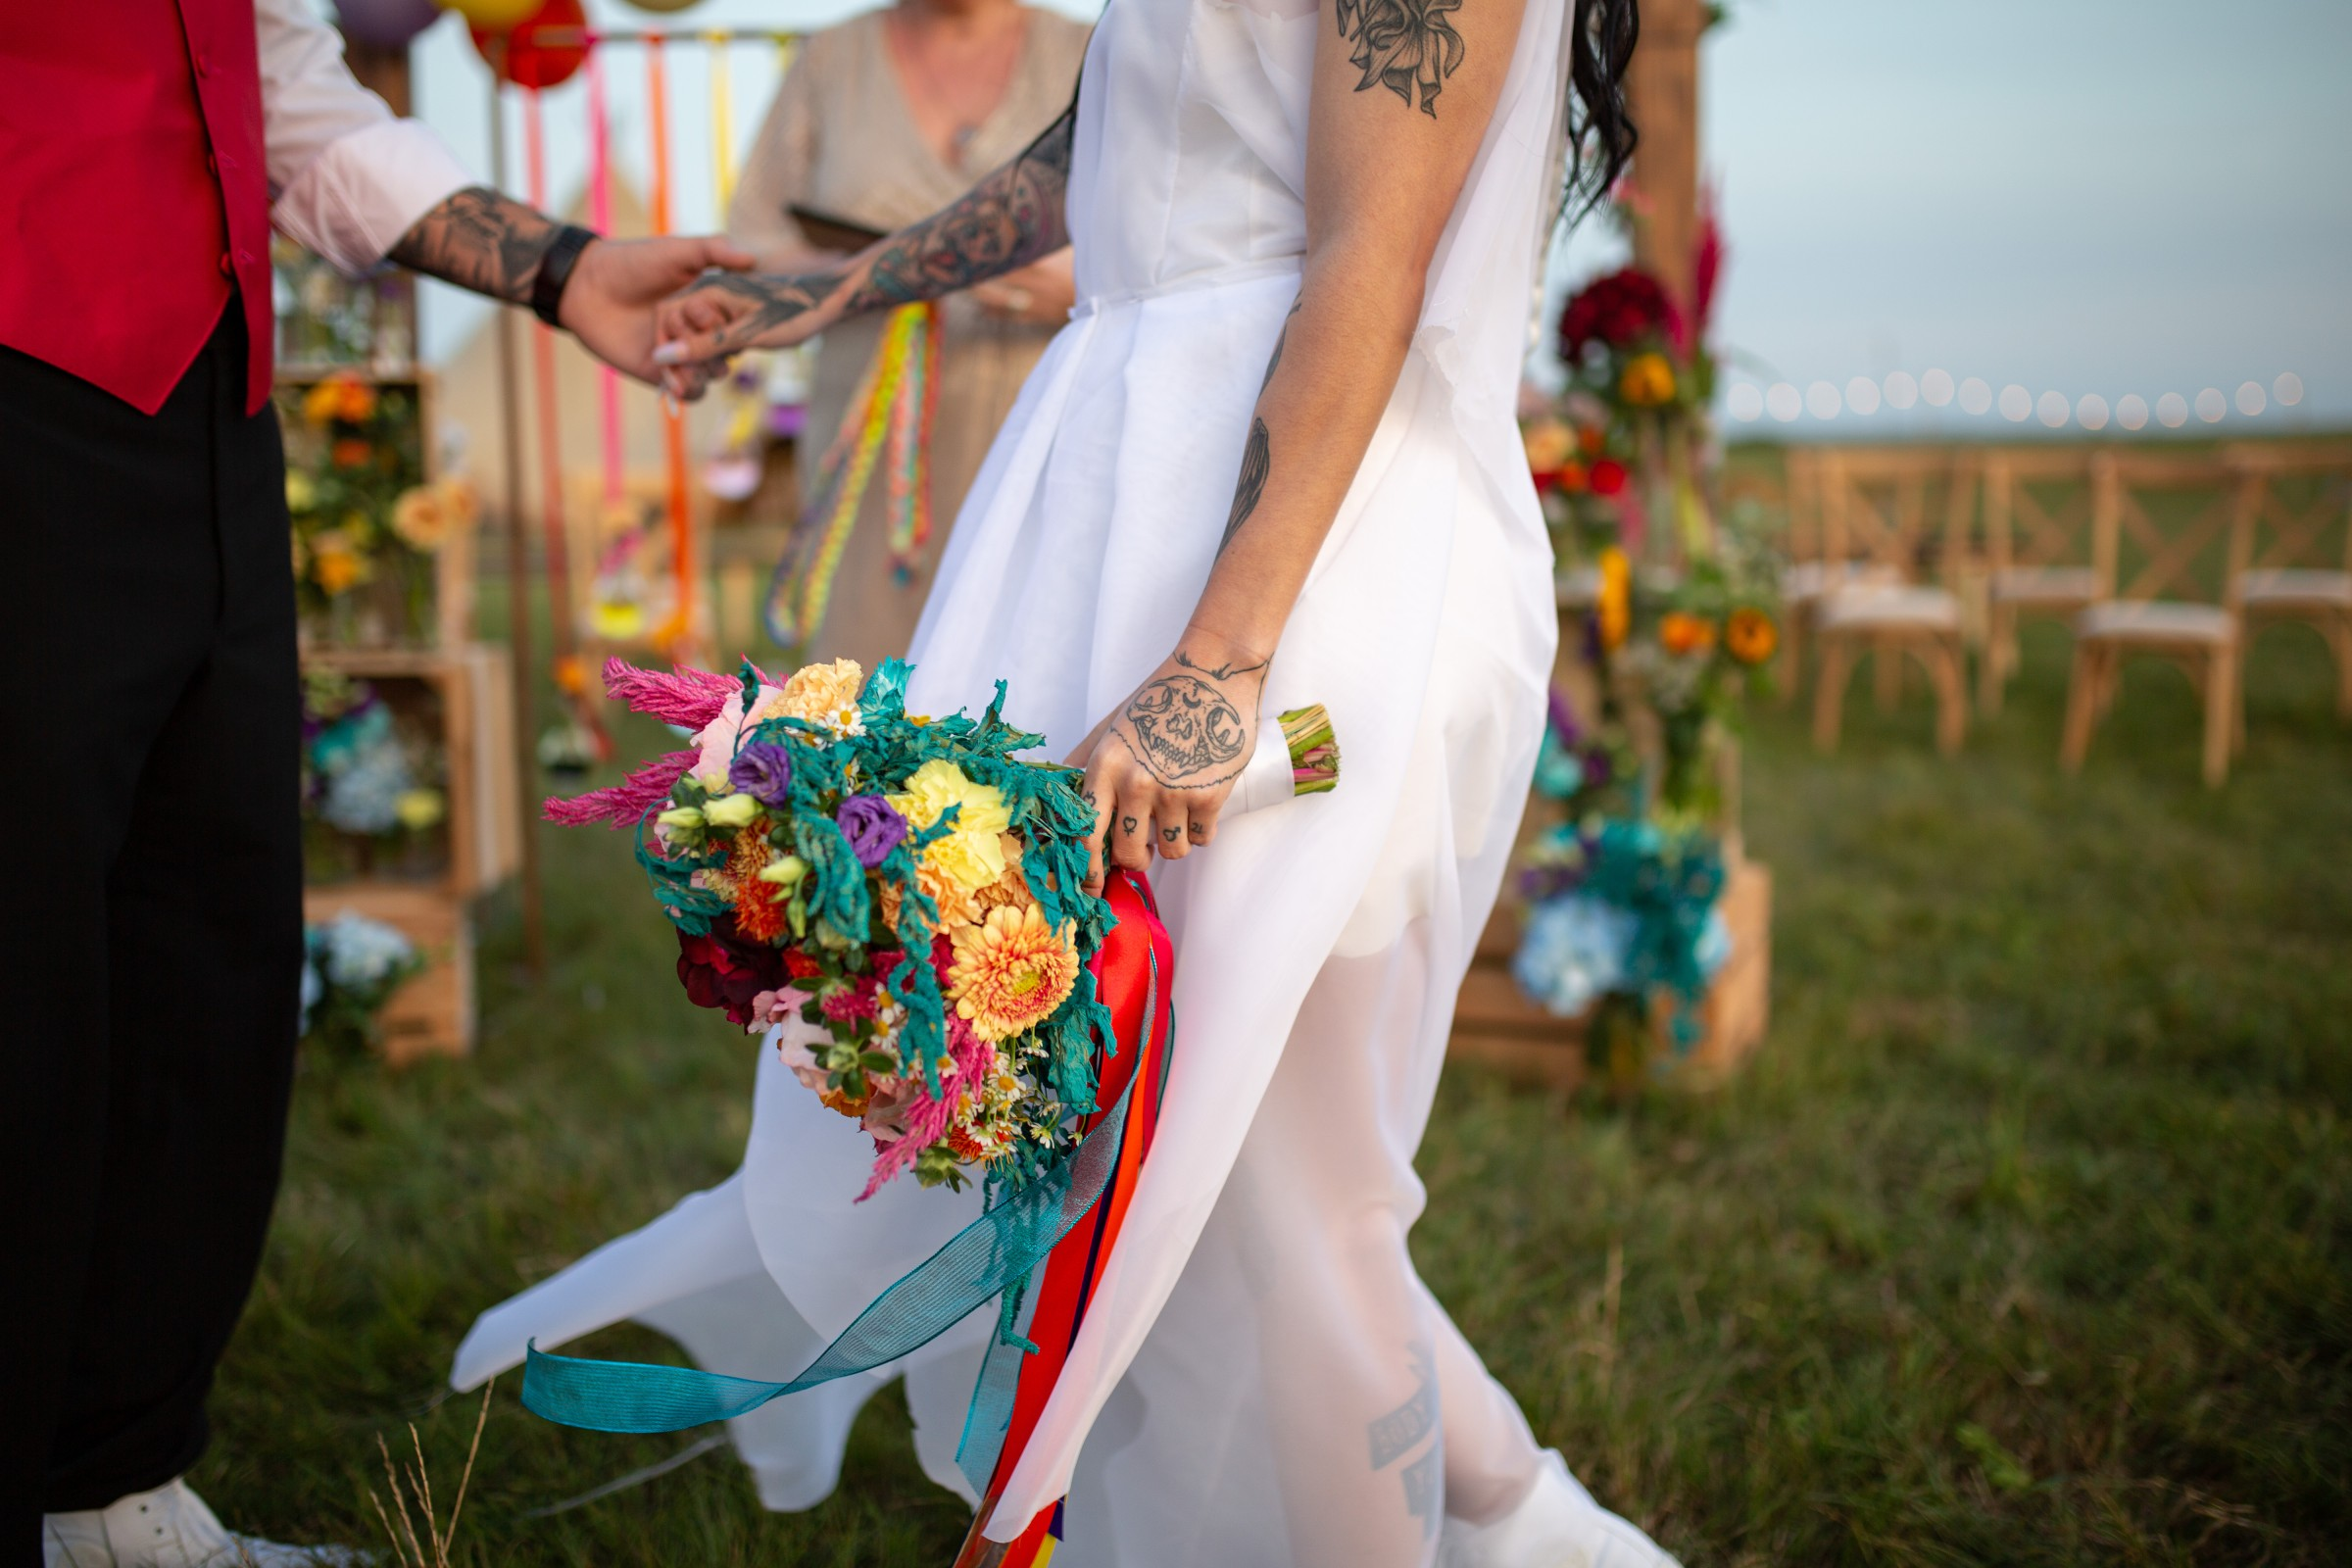 rainbow festival wedding - colourful wedding - rainbow wedding flowers - colourful wedding flowers - rainbow wedding bouquet